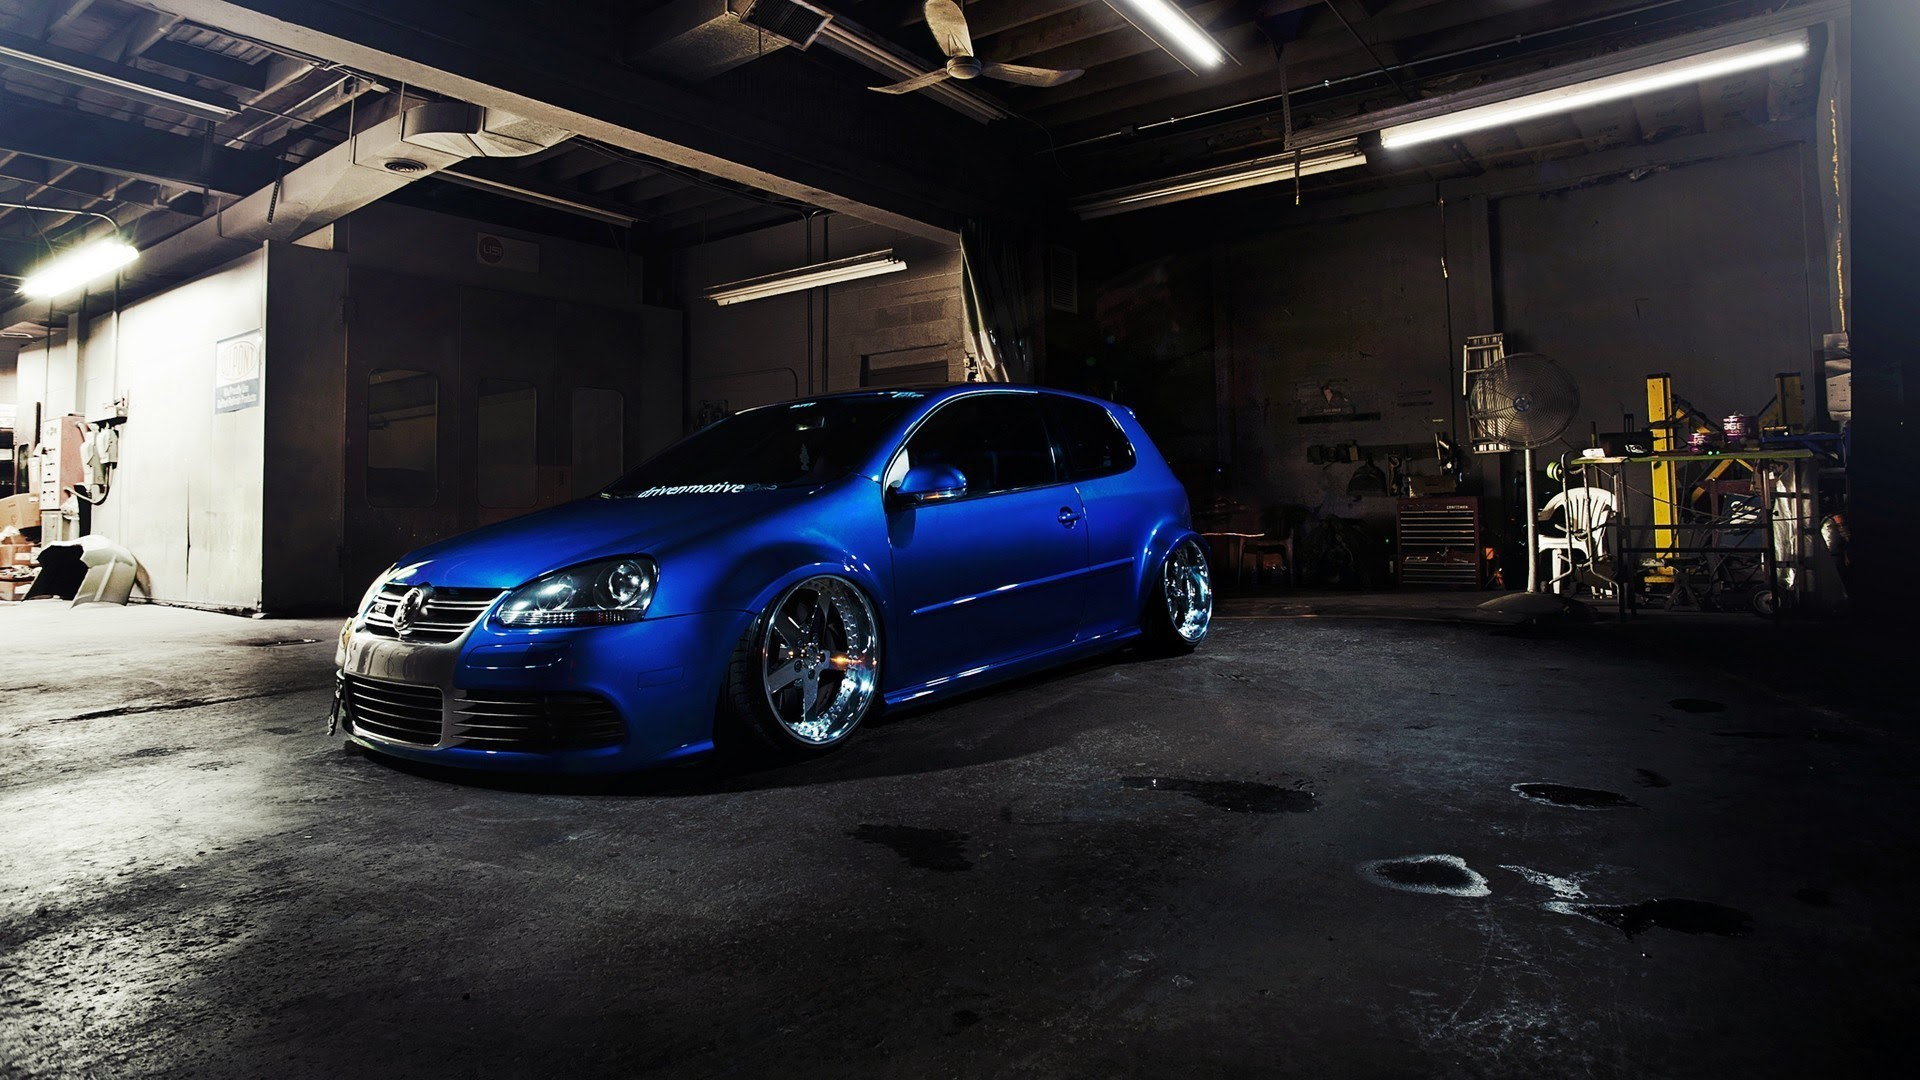 HD VW Wallpaper  WallpaperSafari